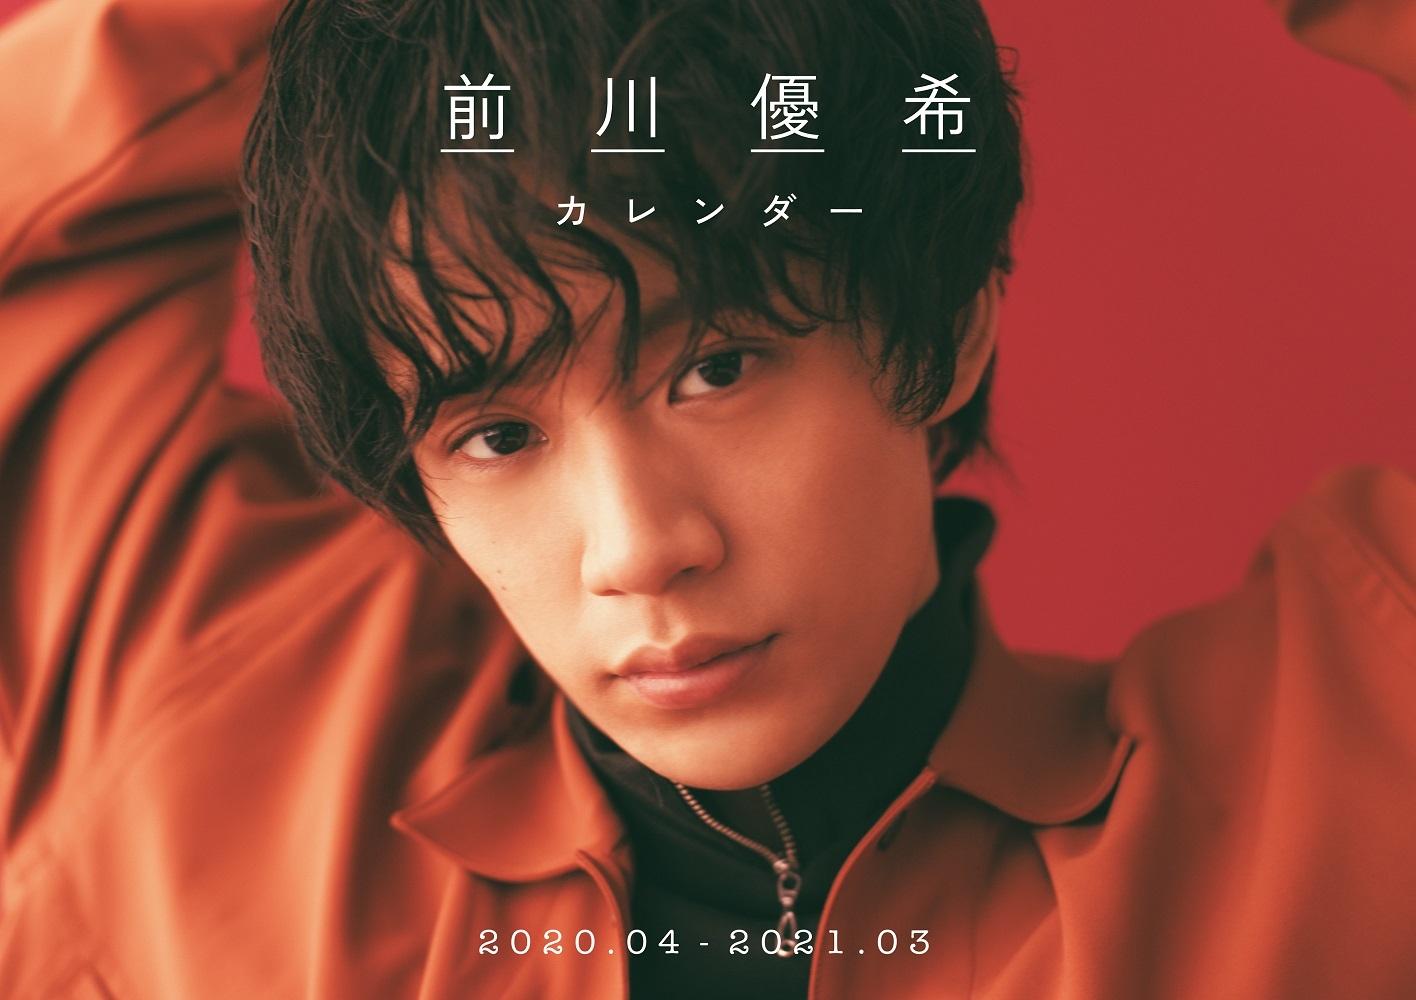 前川優希カレンダー2020.04-2021.03